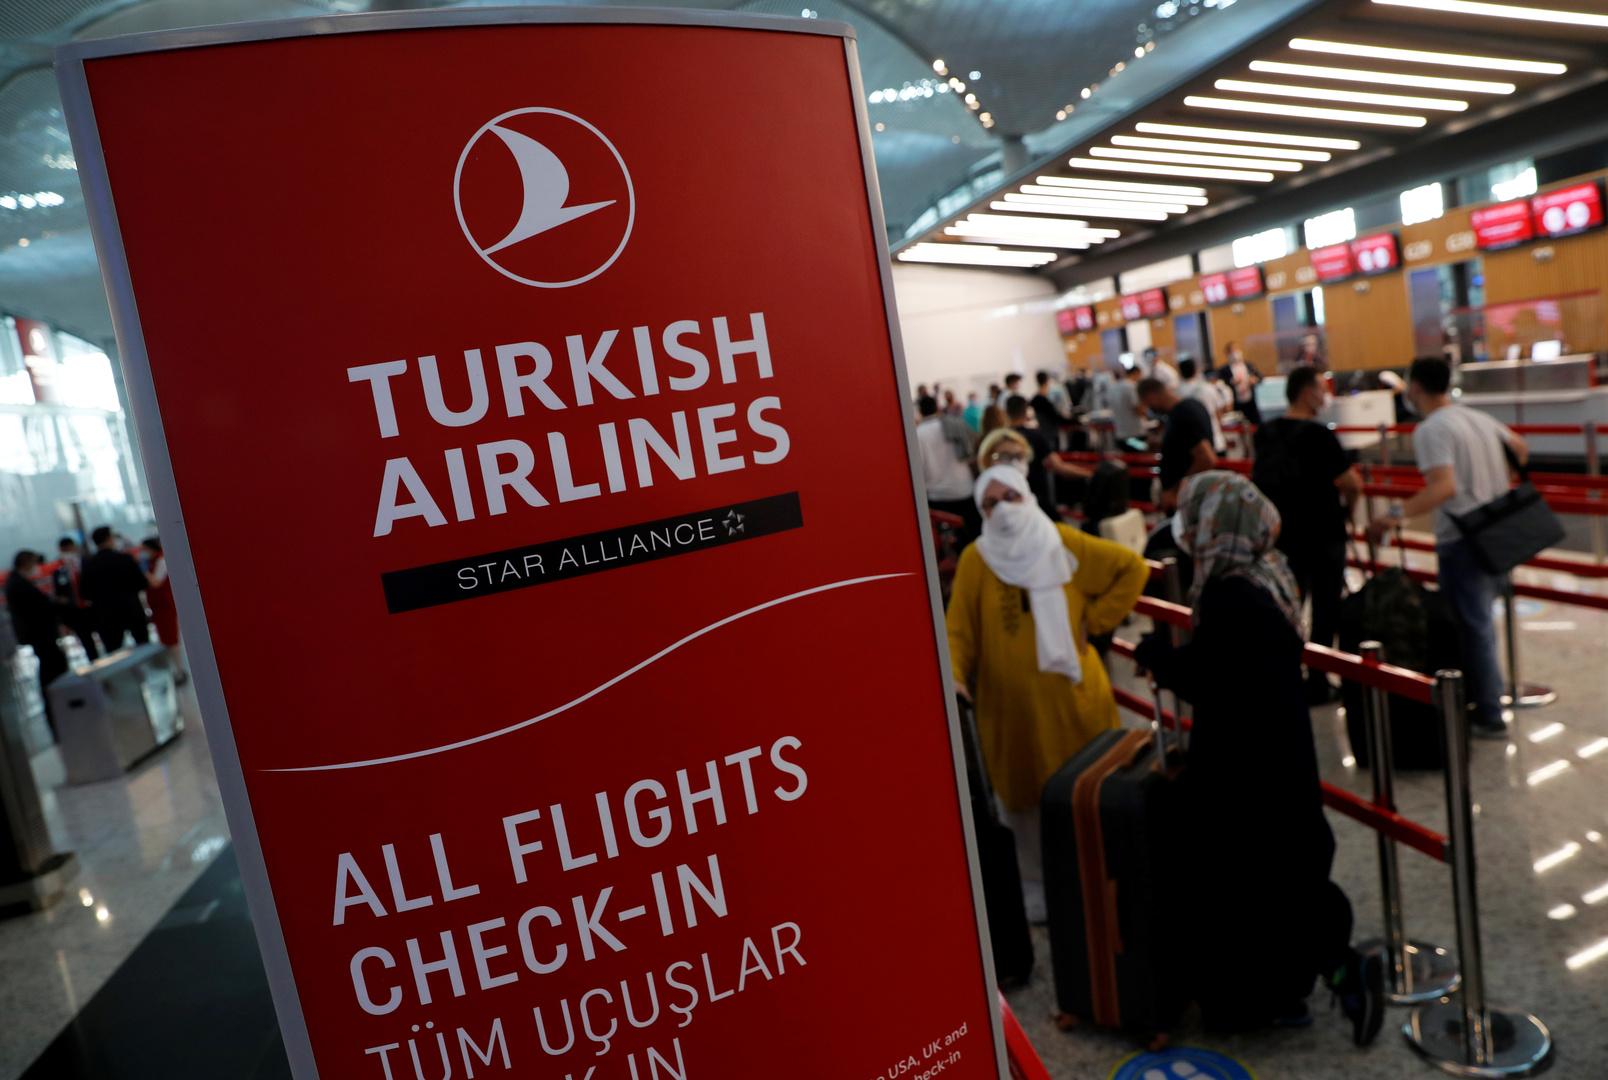 شجار عنيف على متن رحلة للخطوط التونسية قبل إقلاعها من اسطنبول (فيديو)